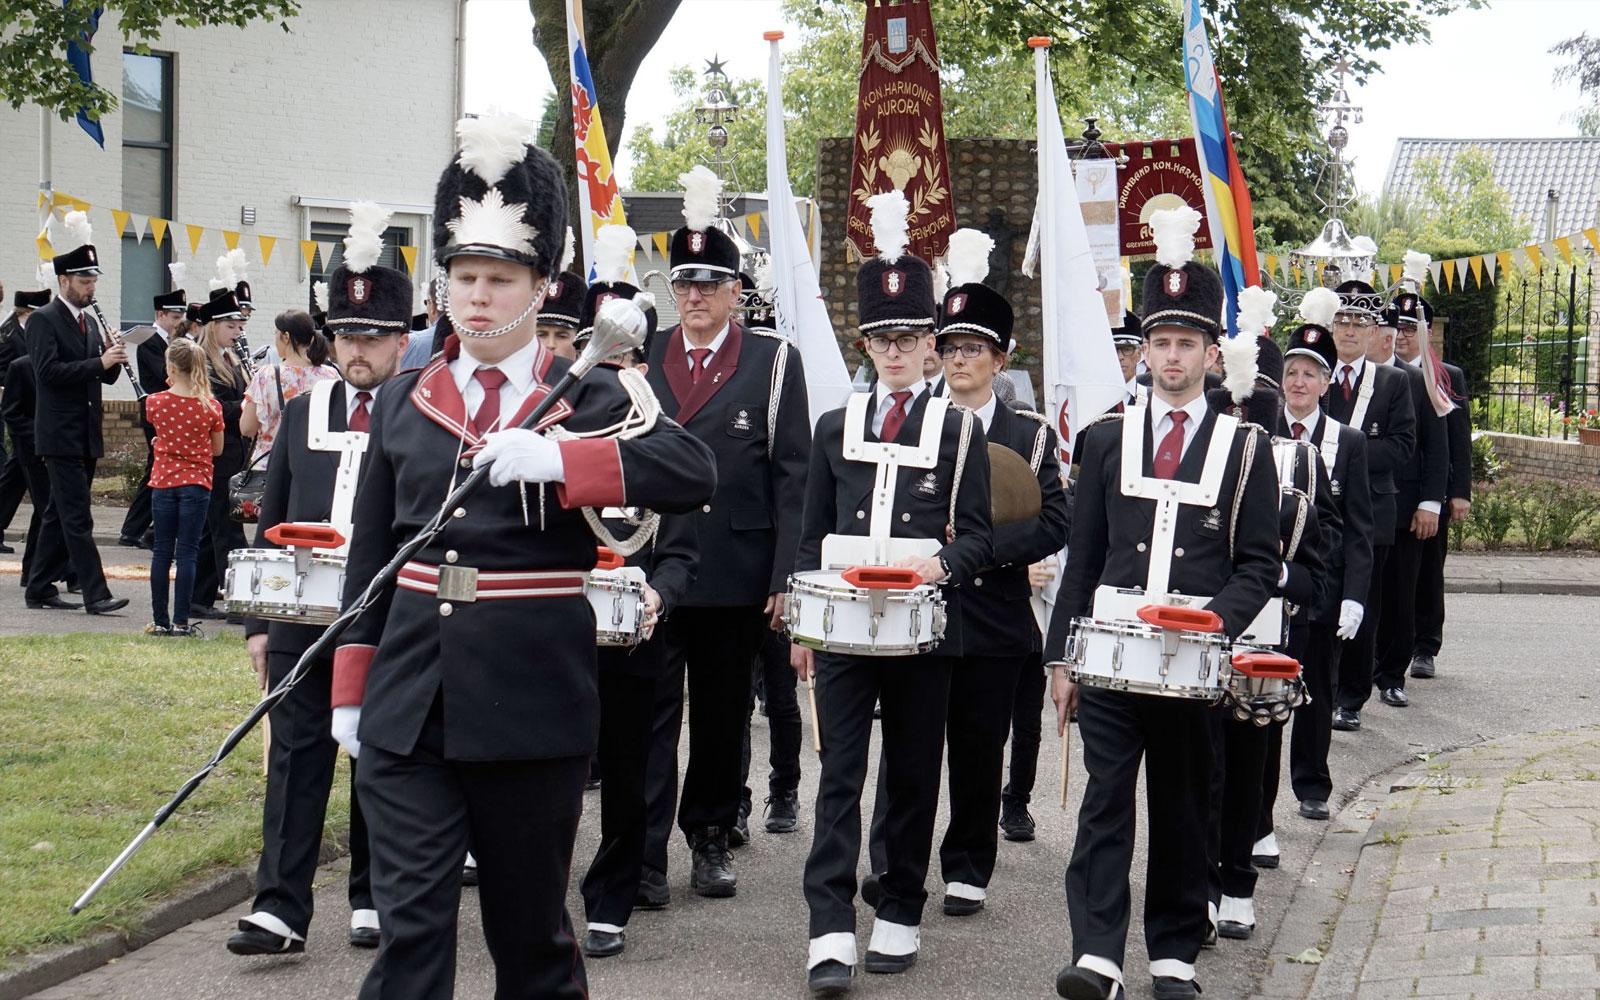 Straatoptreden tijdens jubileumjaar van Koninklijke Harmonie Aurora Grevenbicht Papenhoven